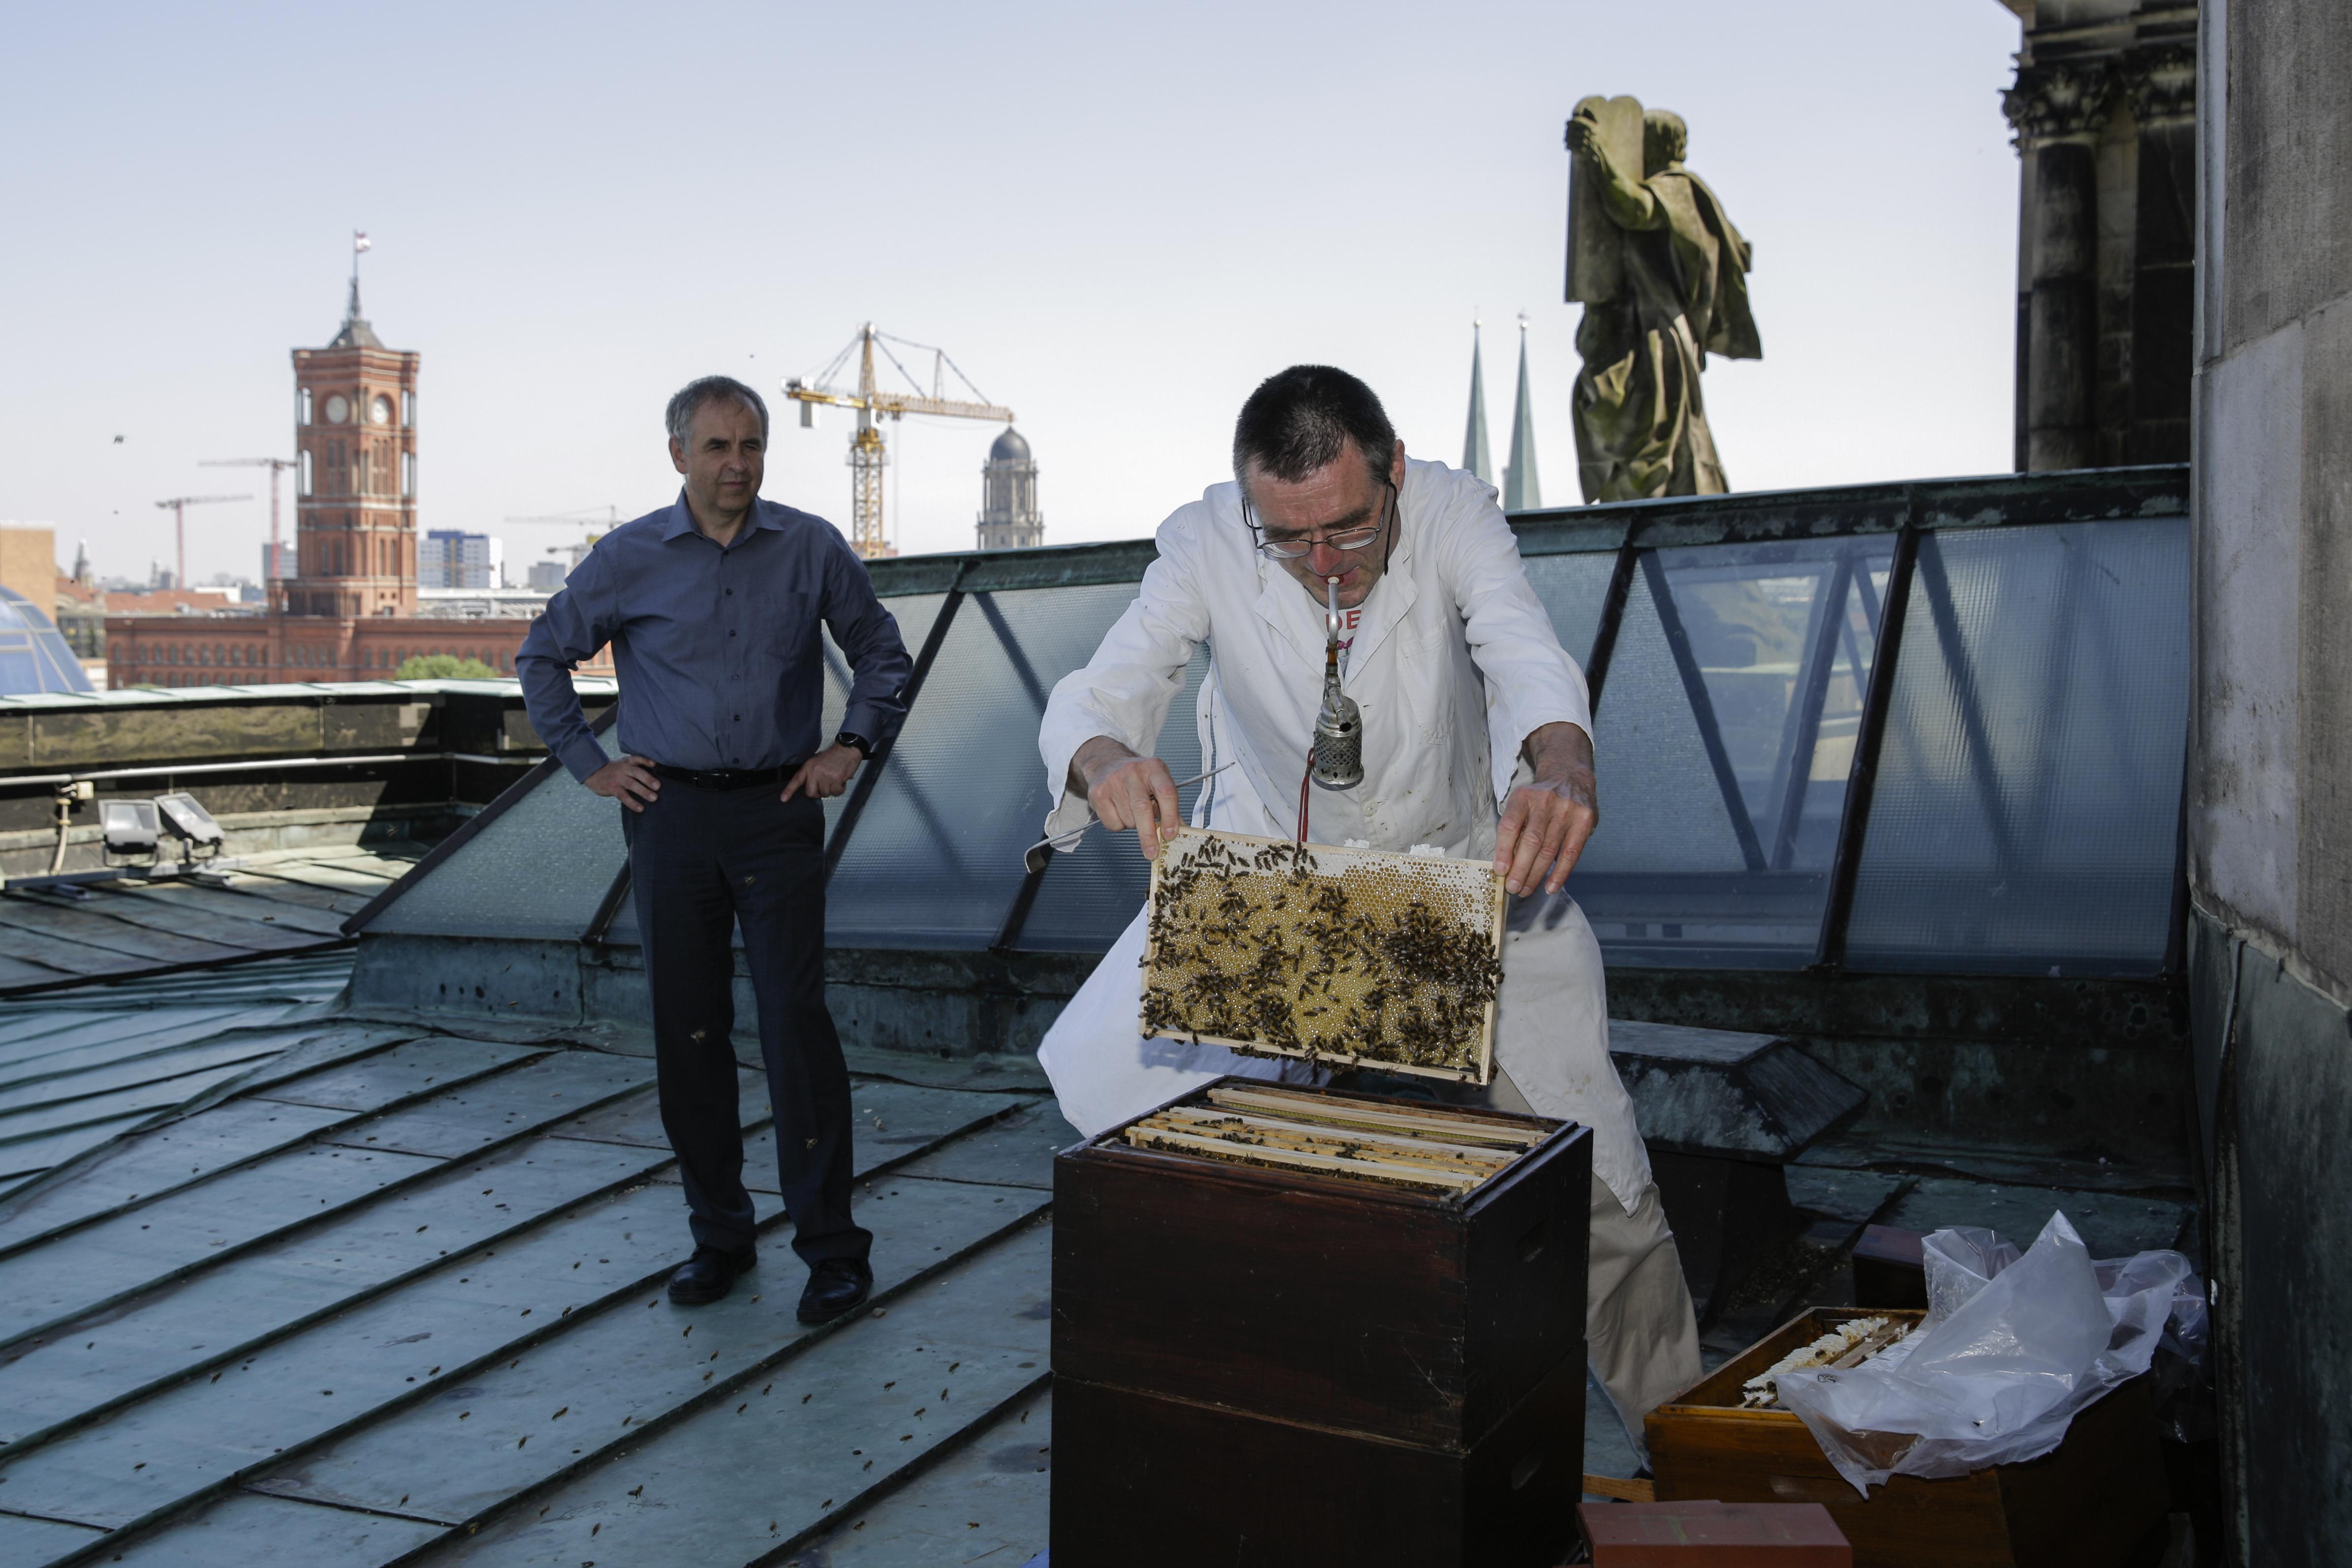 A tapasztalatlan hobbitartóktól elszabadult, kóbor méhrajok garázdálkodnak Berlinben